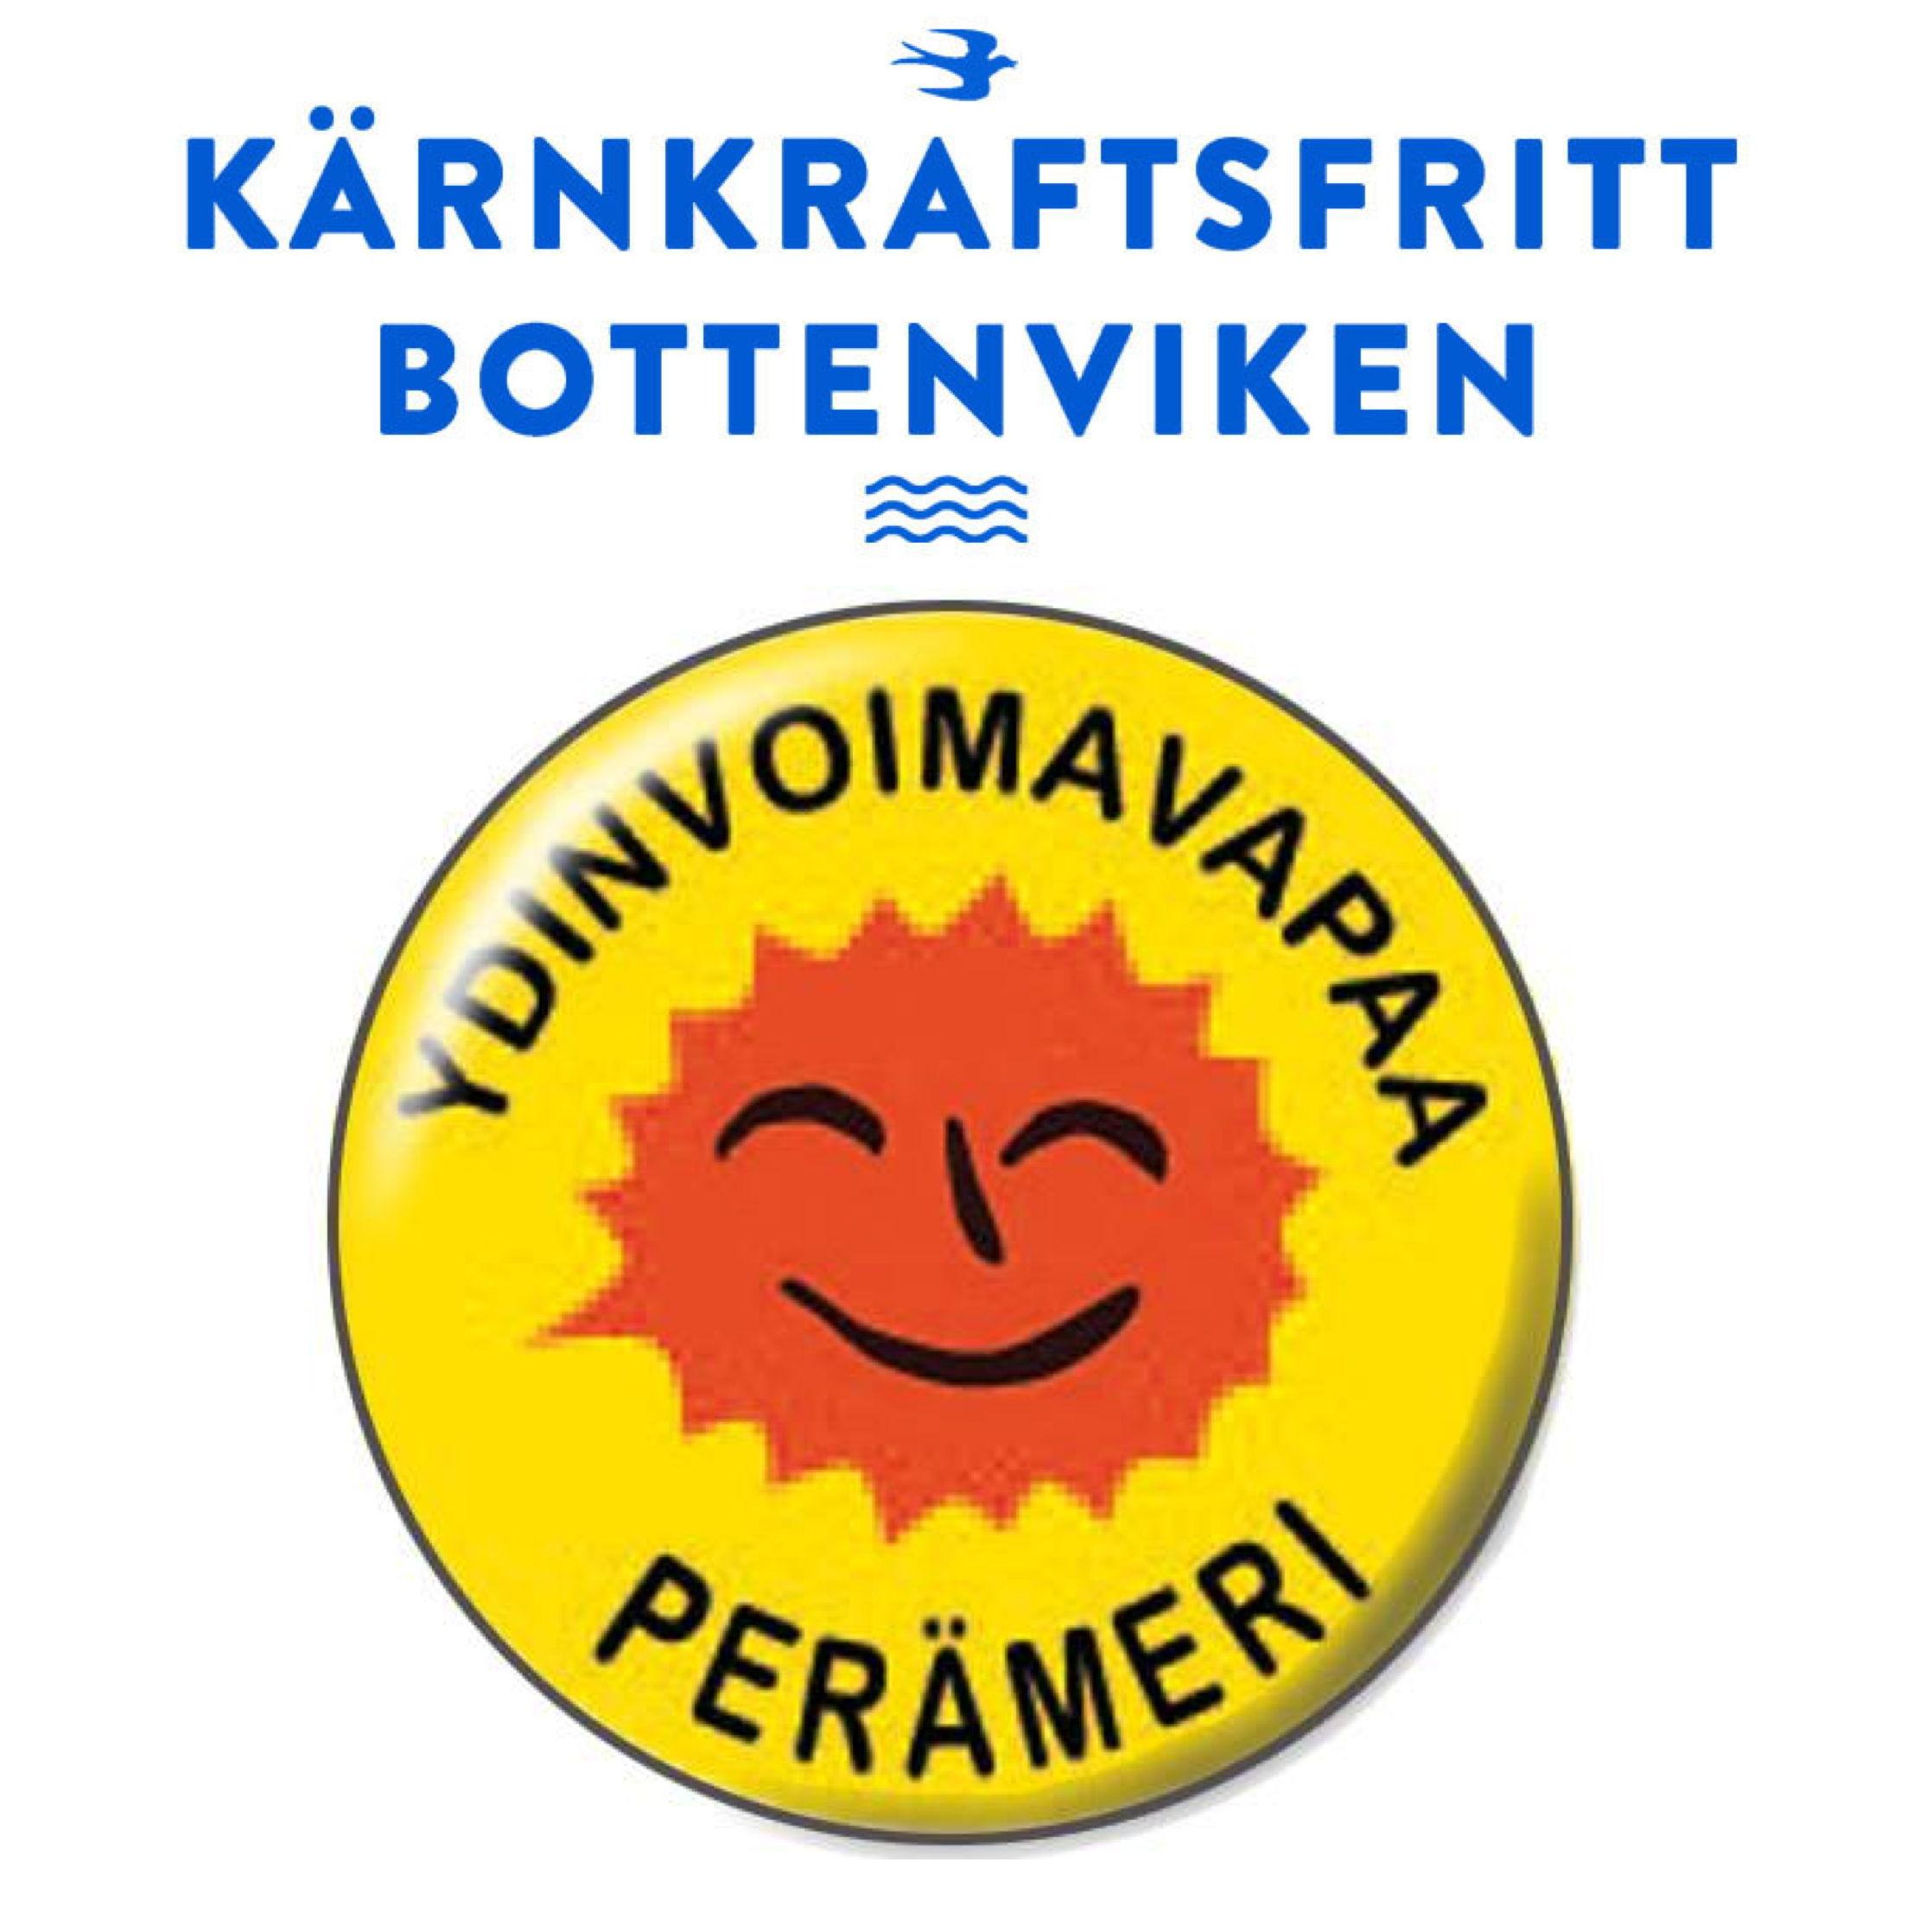 karnkraftsfritt_bottenviken_ydinvoimavapaa_perameri